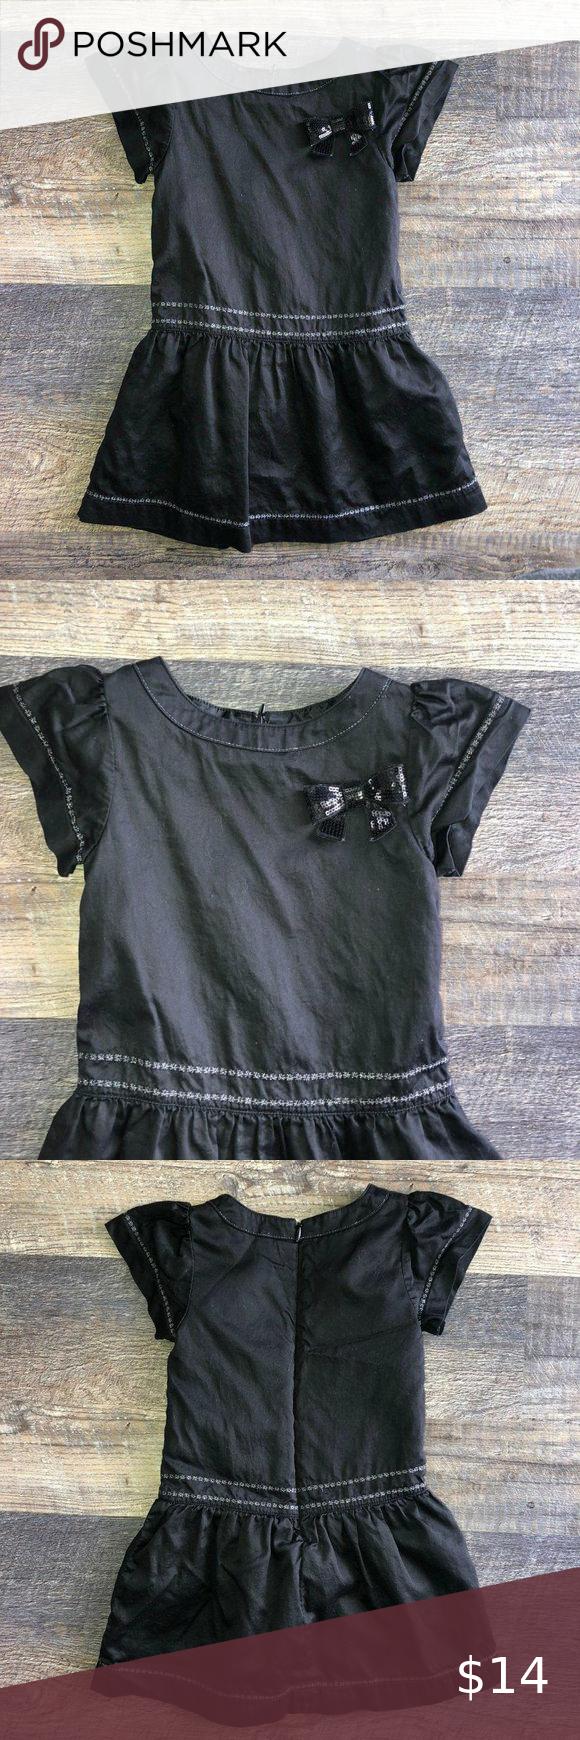 Girls Jodhpur Dress 3t Black 3t Dress Casual Dresses Cute Black Dress [ 1740 x 580 Pixel ]